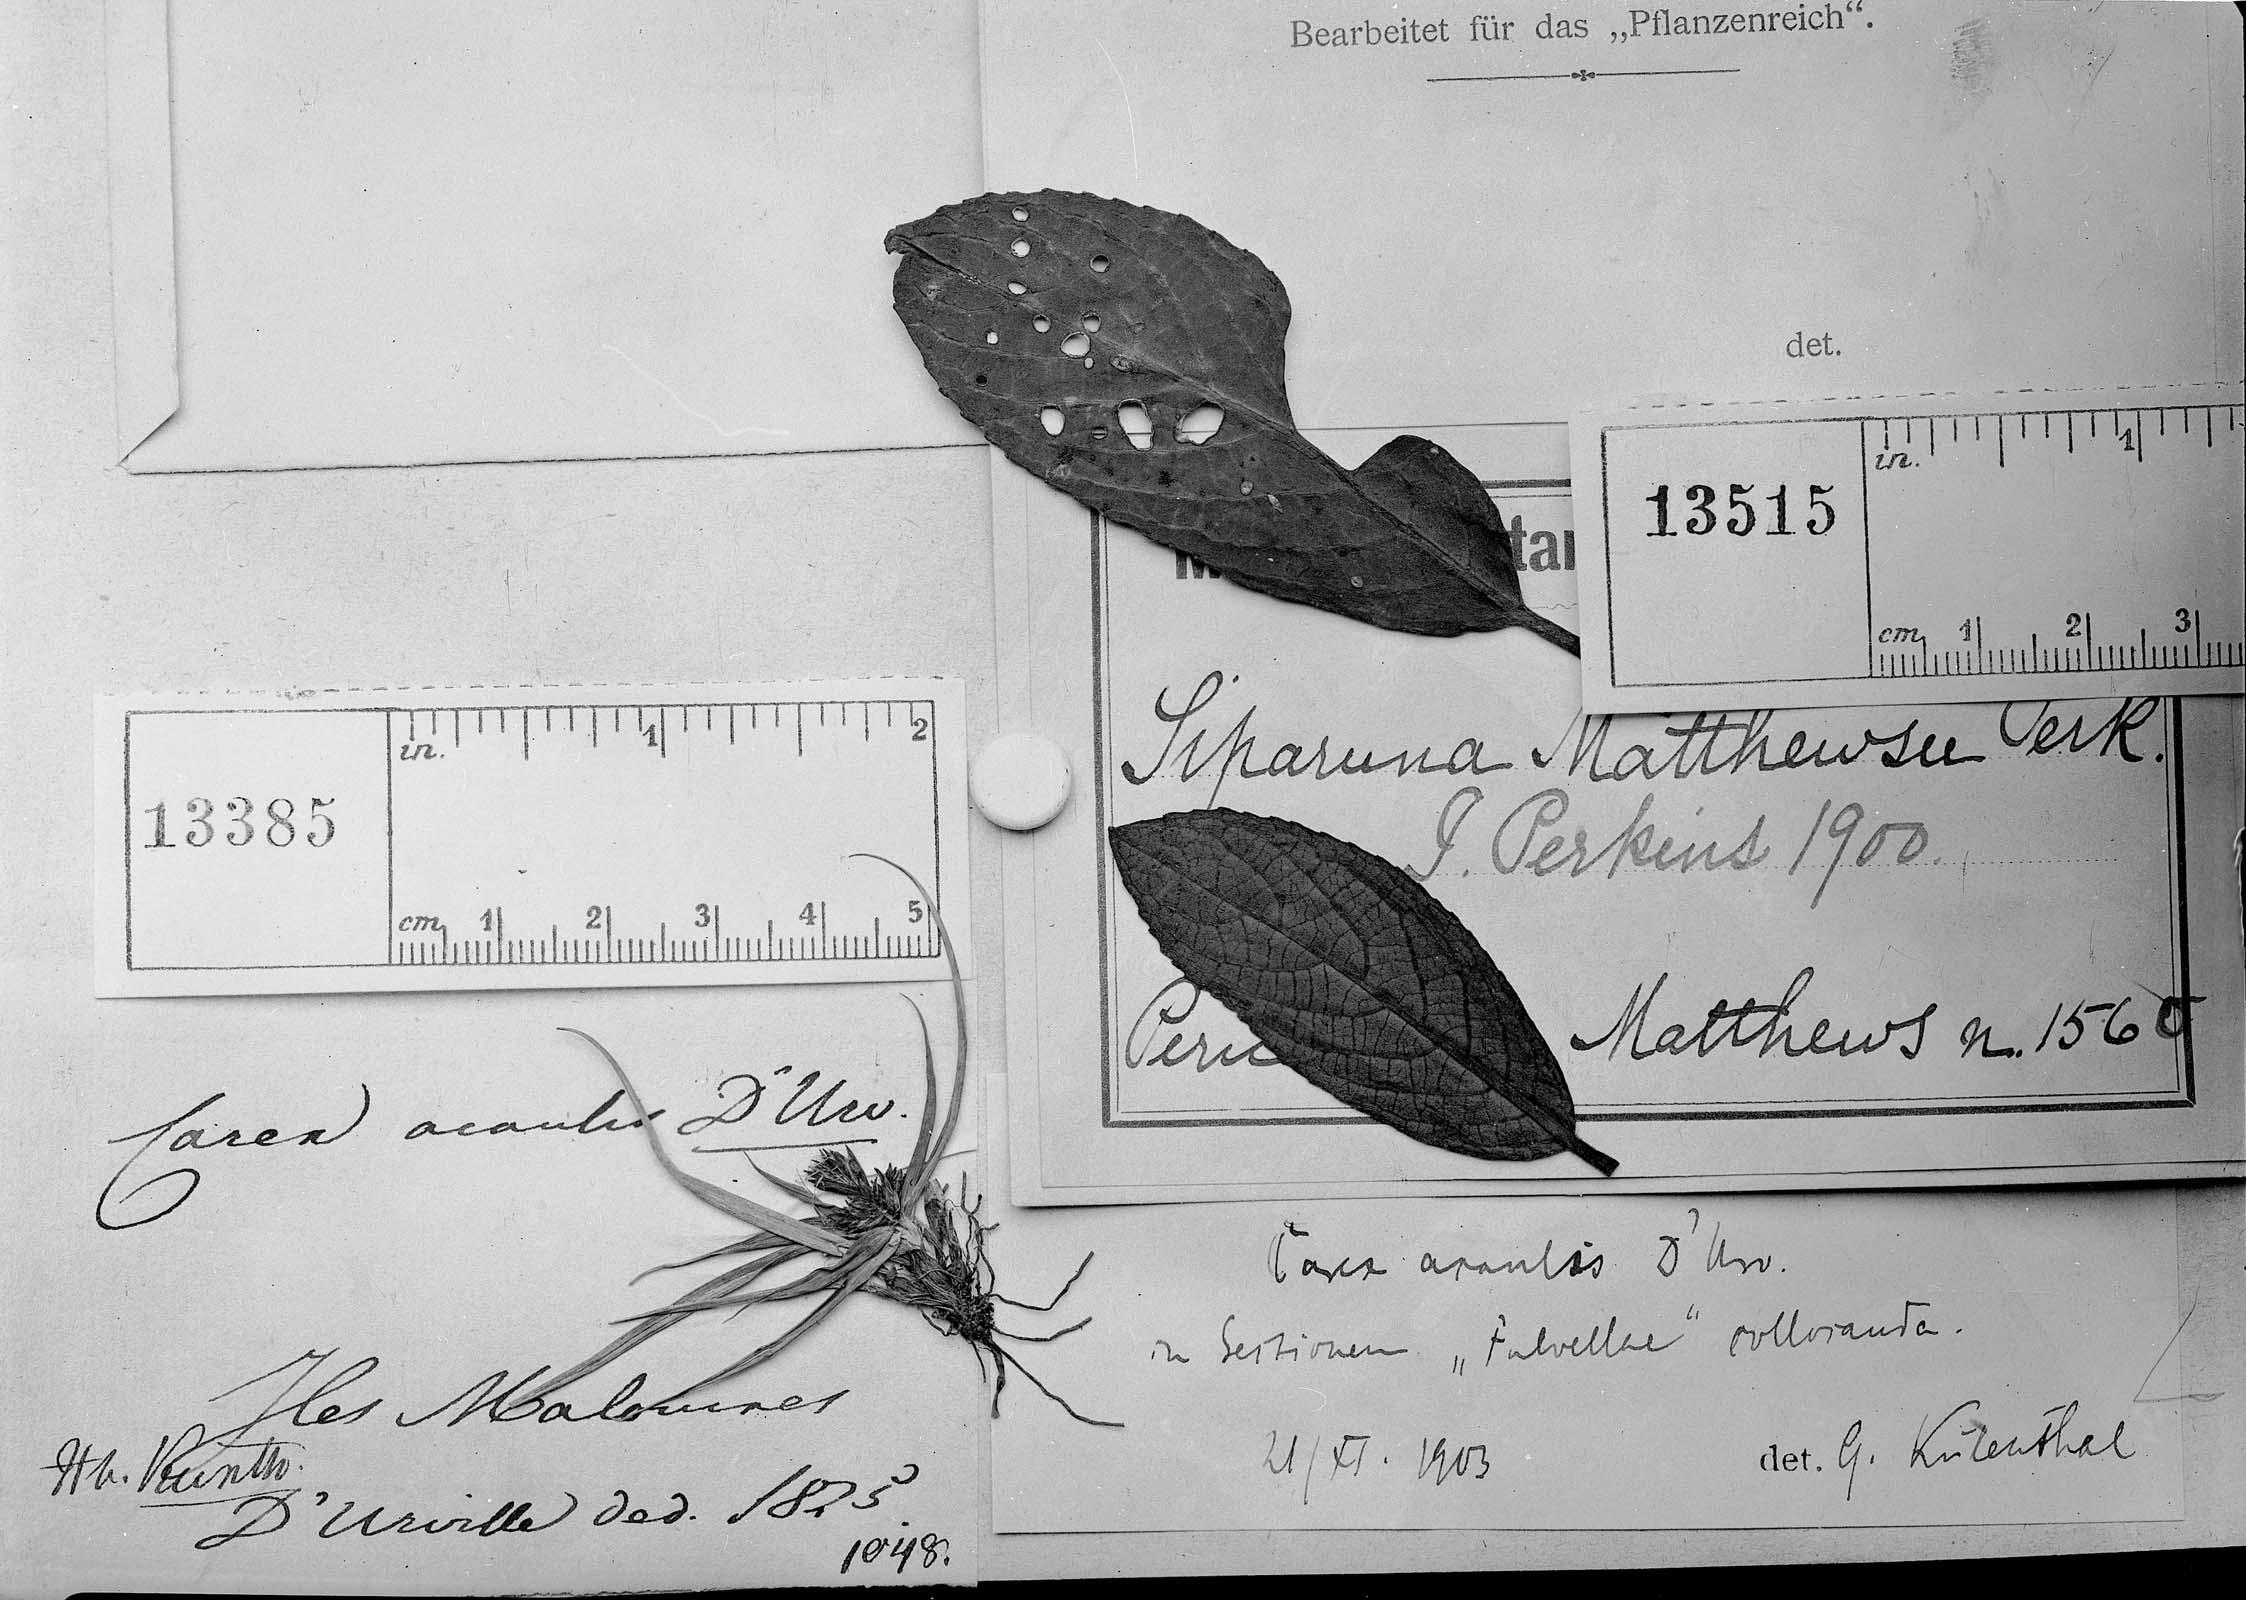 Carex acaulis image